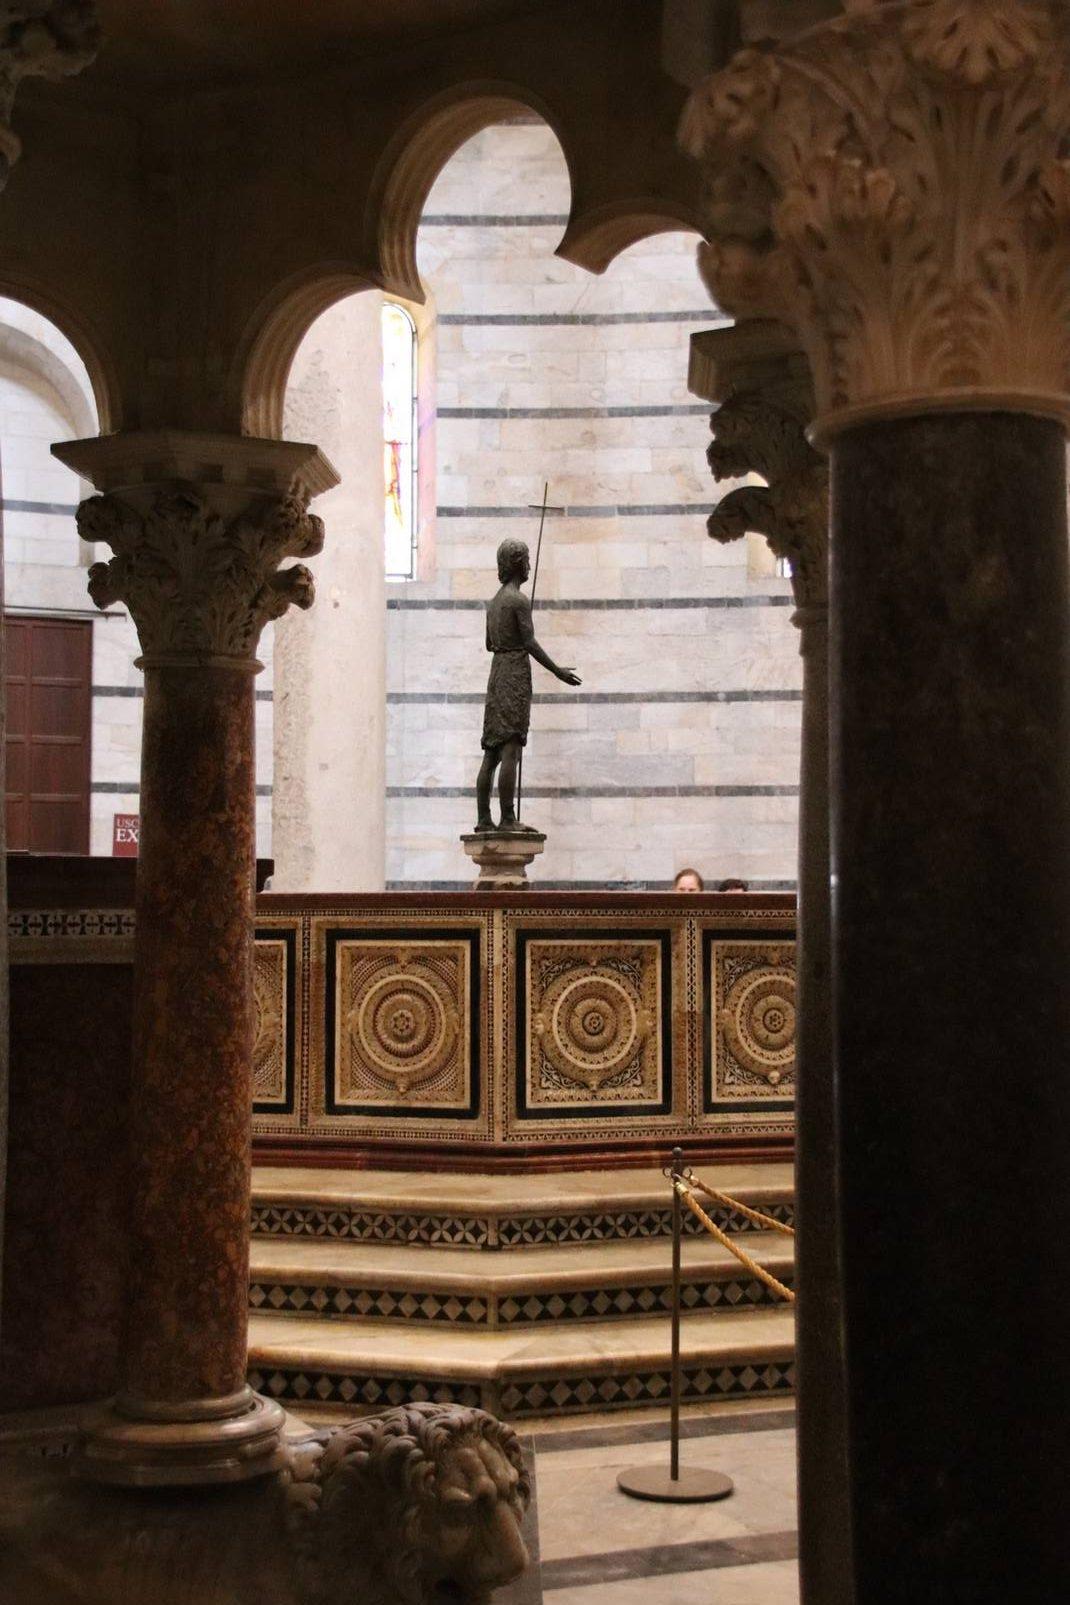 Italie - Intérieur du baptistère de Pise